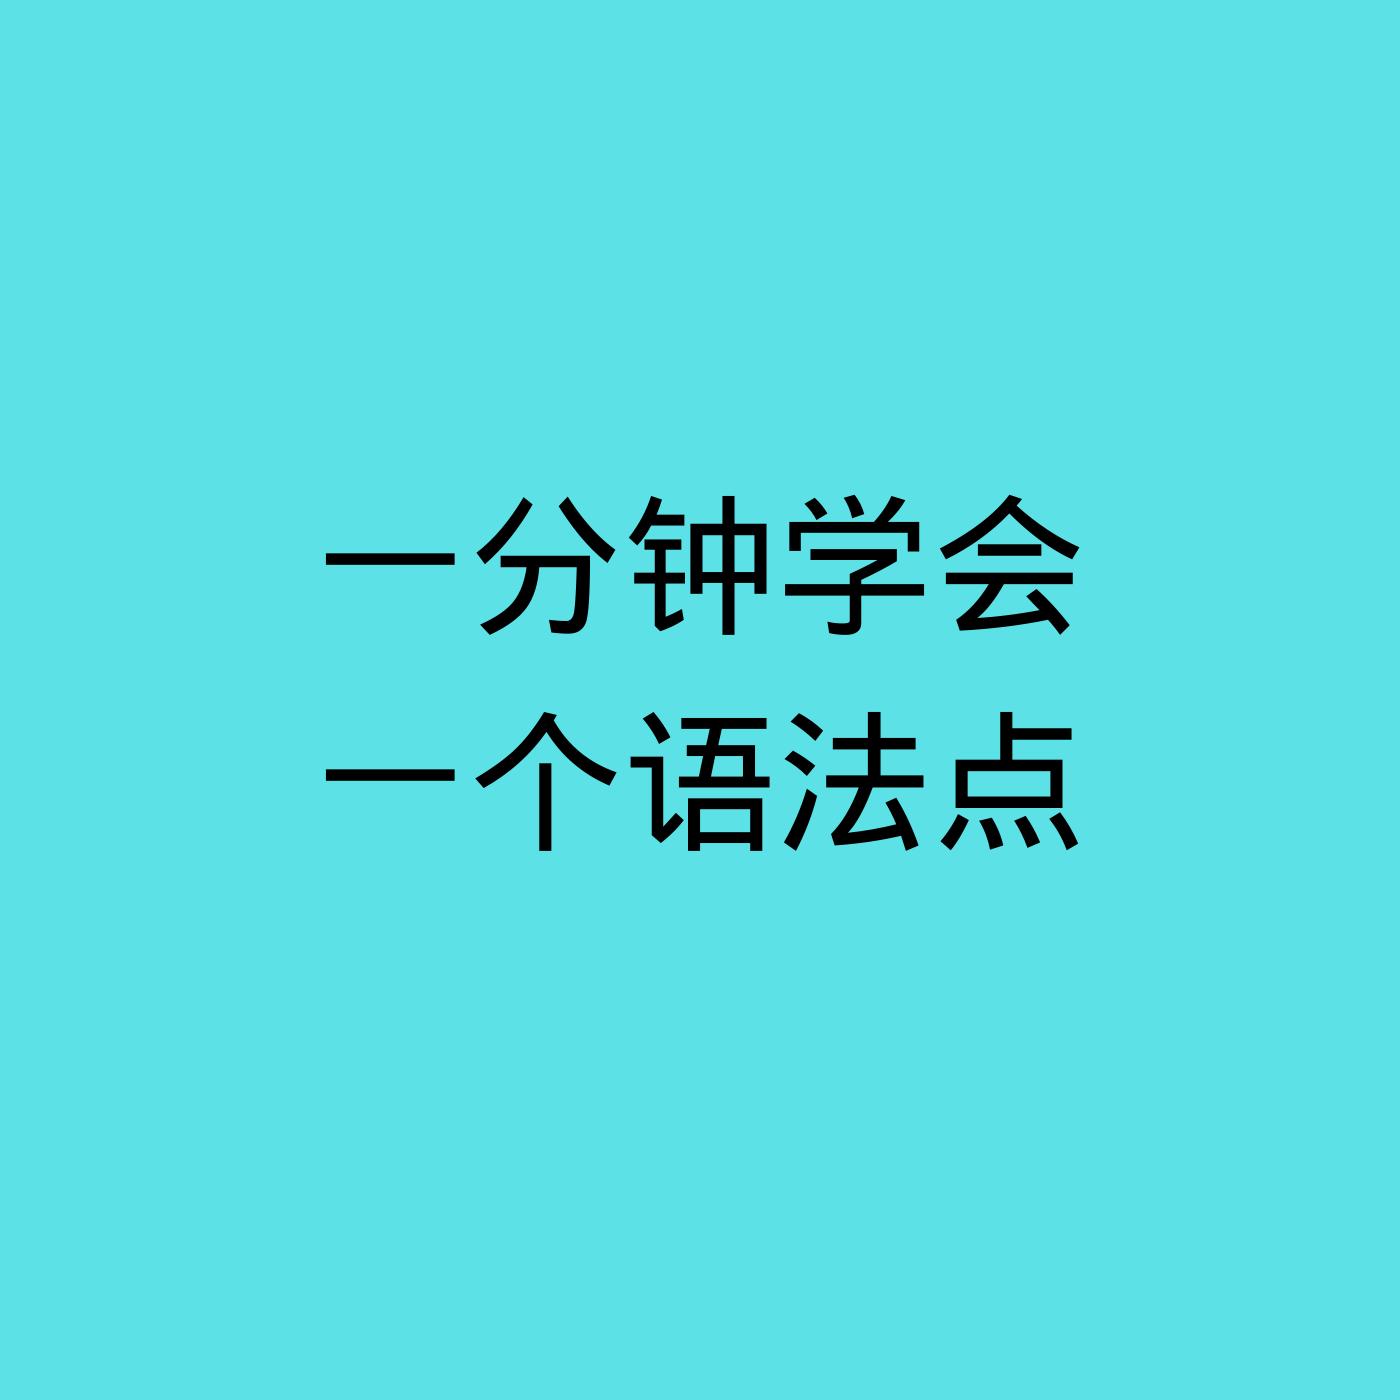 刘雪英语|一分钟学会一个语法点